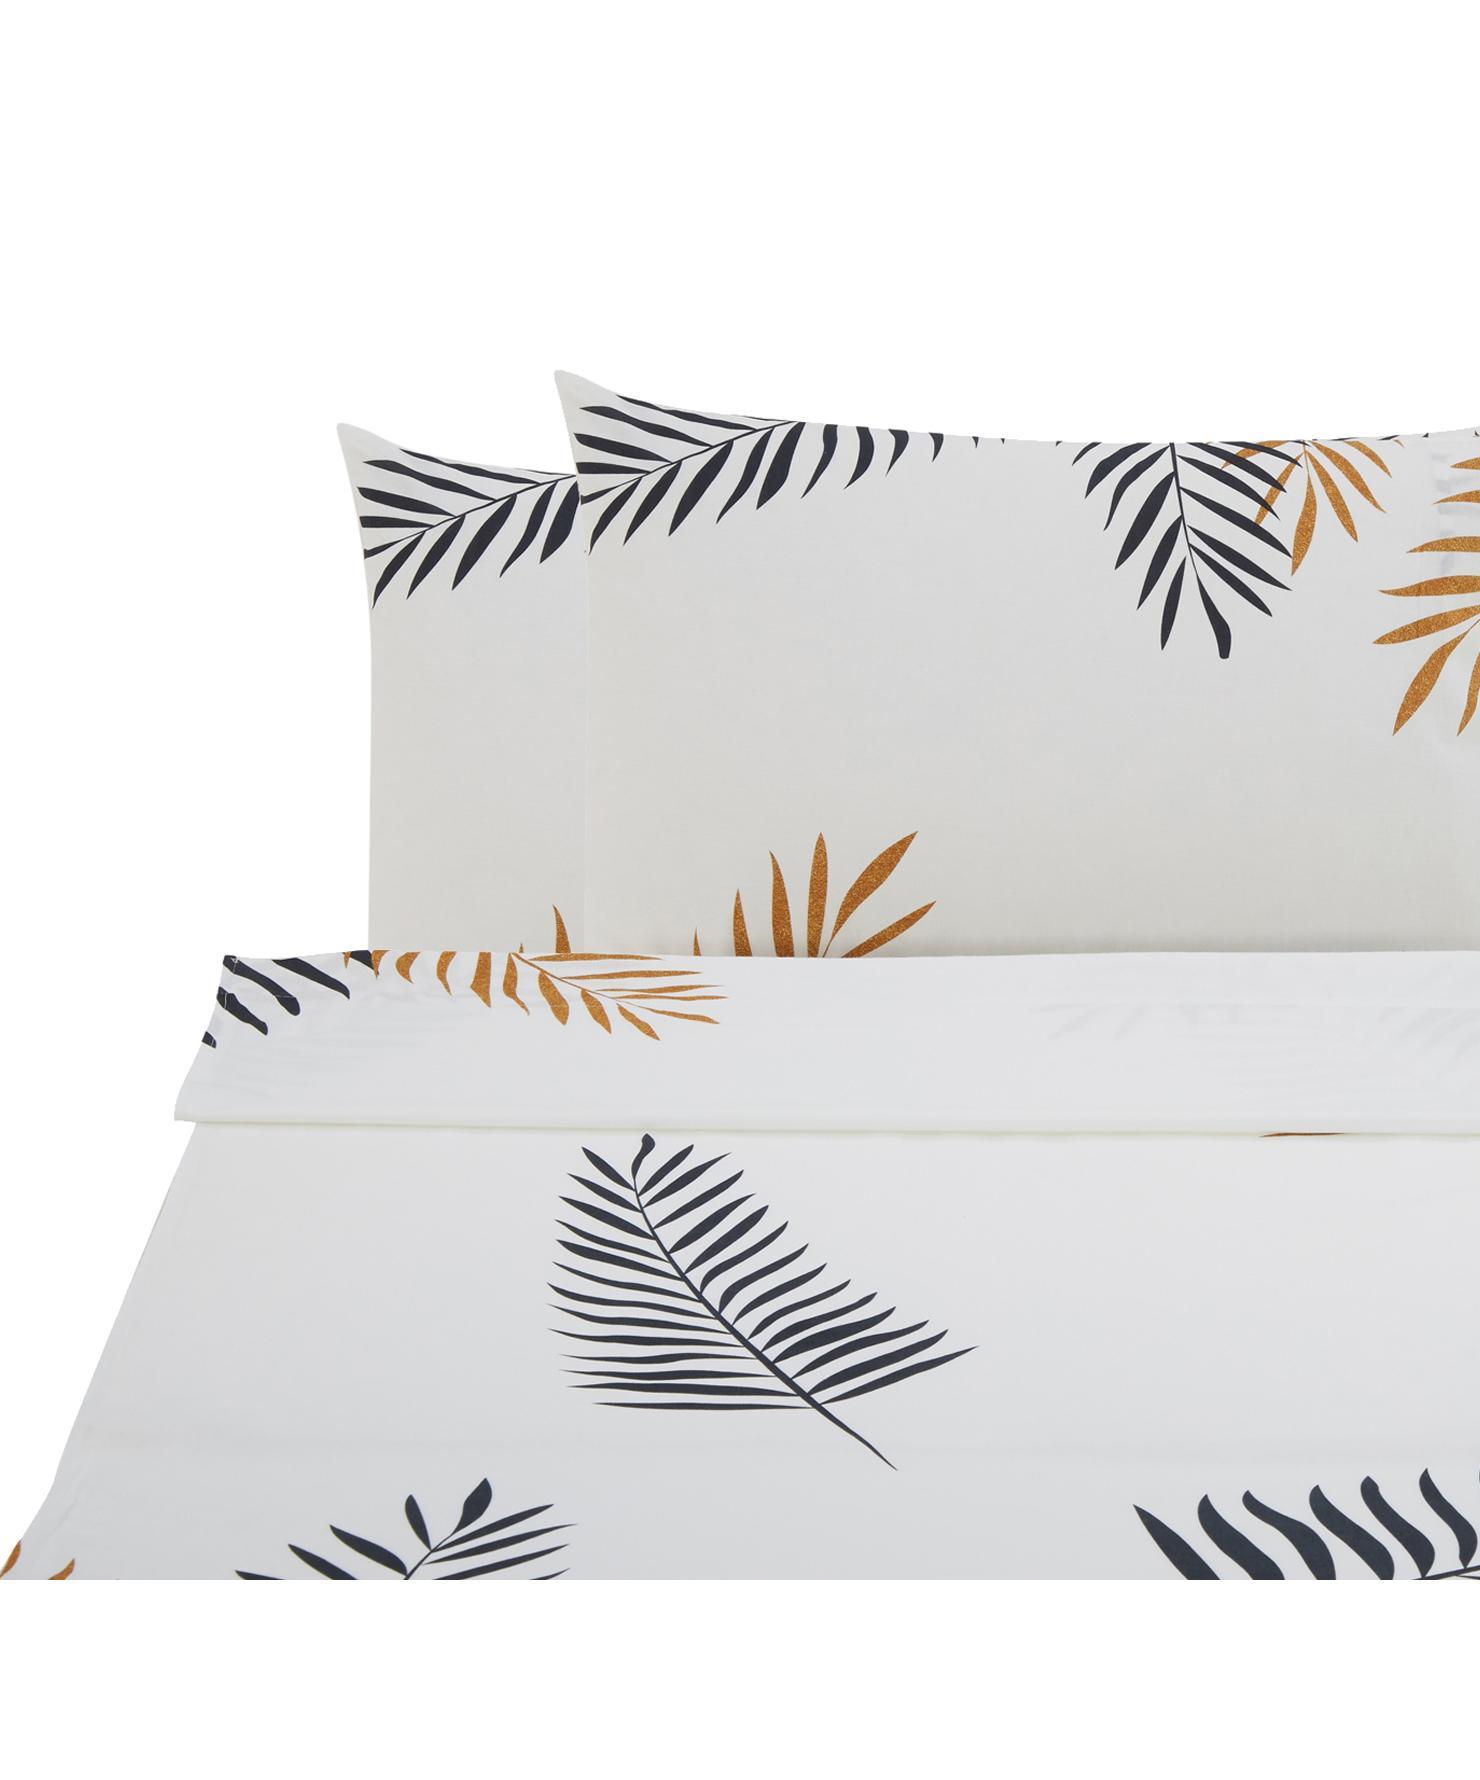 Set lenzuola in cotone ranforce Foliage 3 pz, Tessuto: Renforcé, Bianco, giallo ocra, nero, 240 x 270 cm